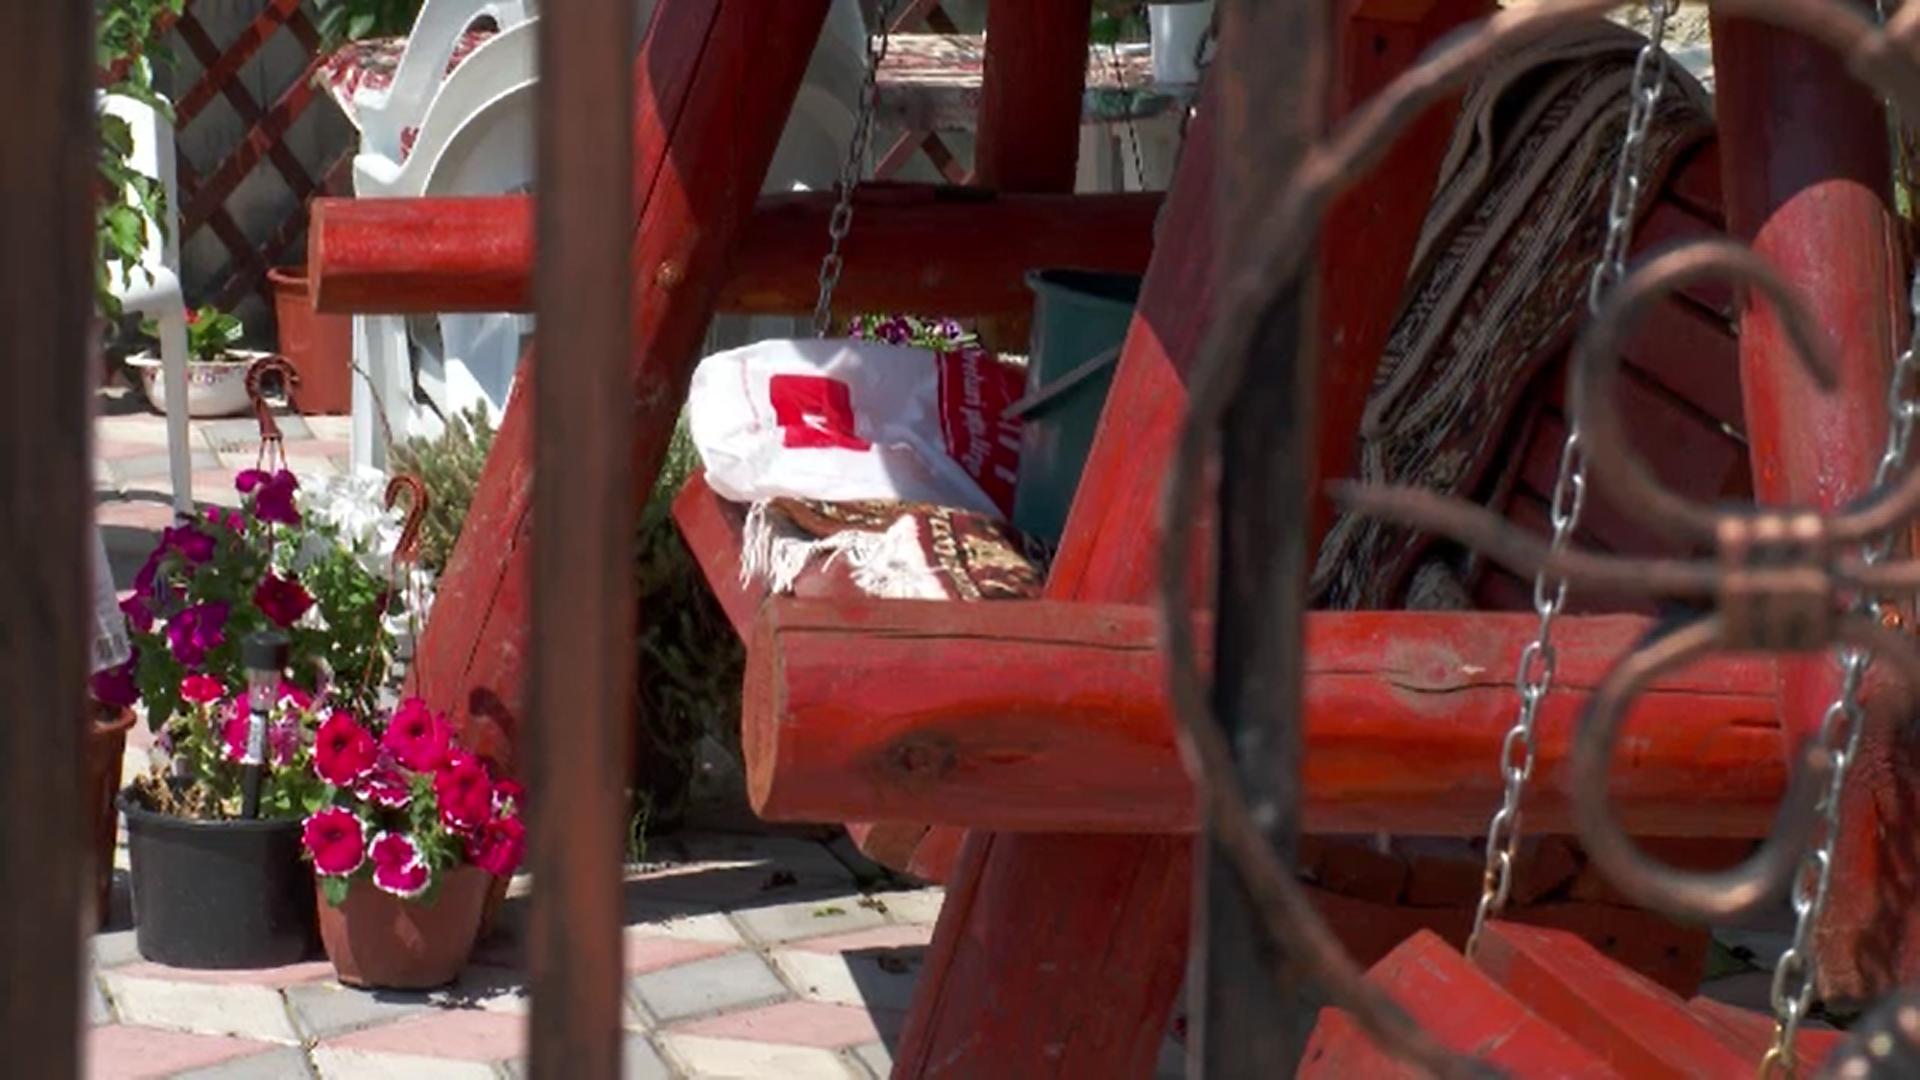 Doi soţi din Argeş au fost găsiţi morţi în casă după ce s-ar fi otrăvit cu insecticid